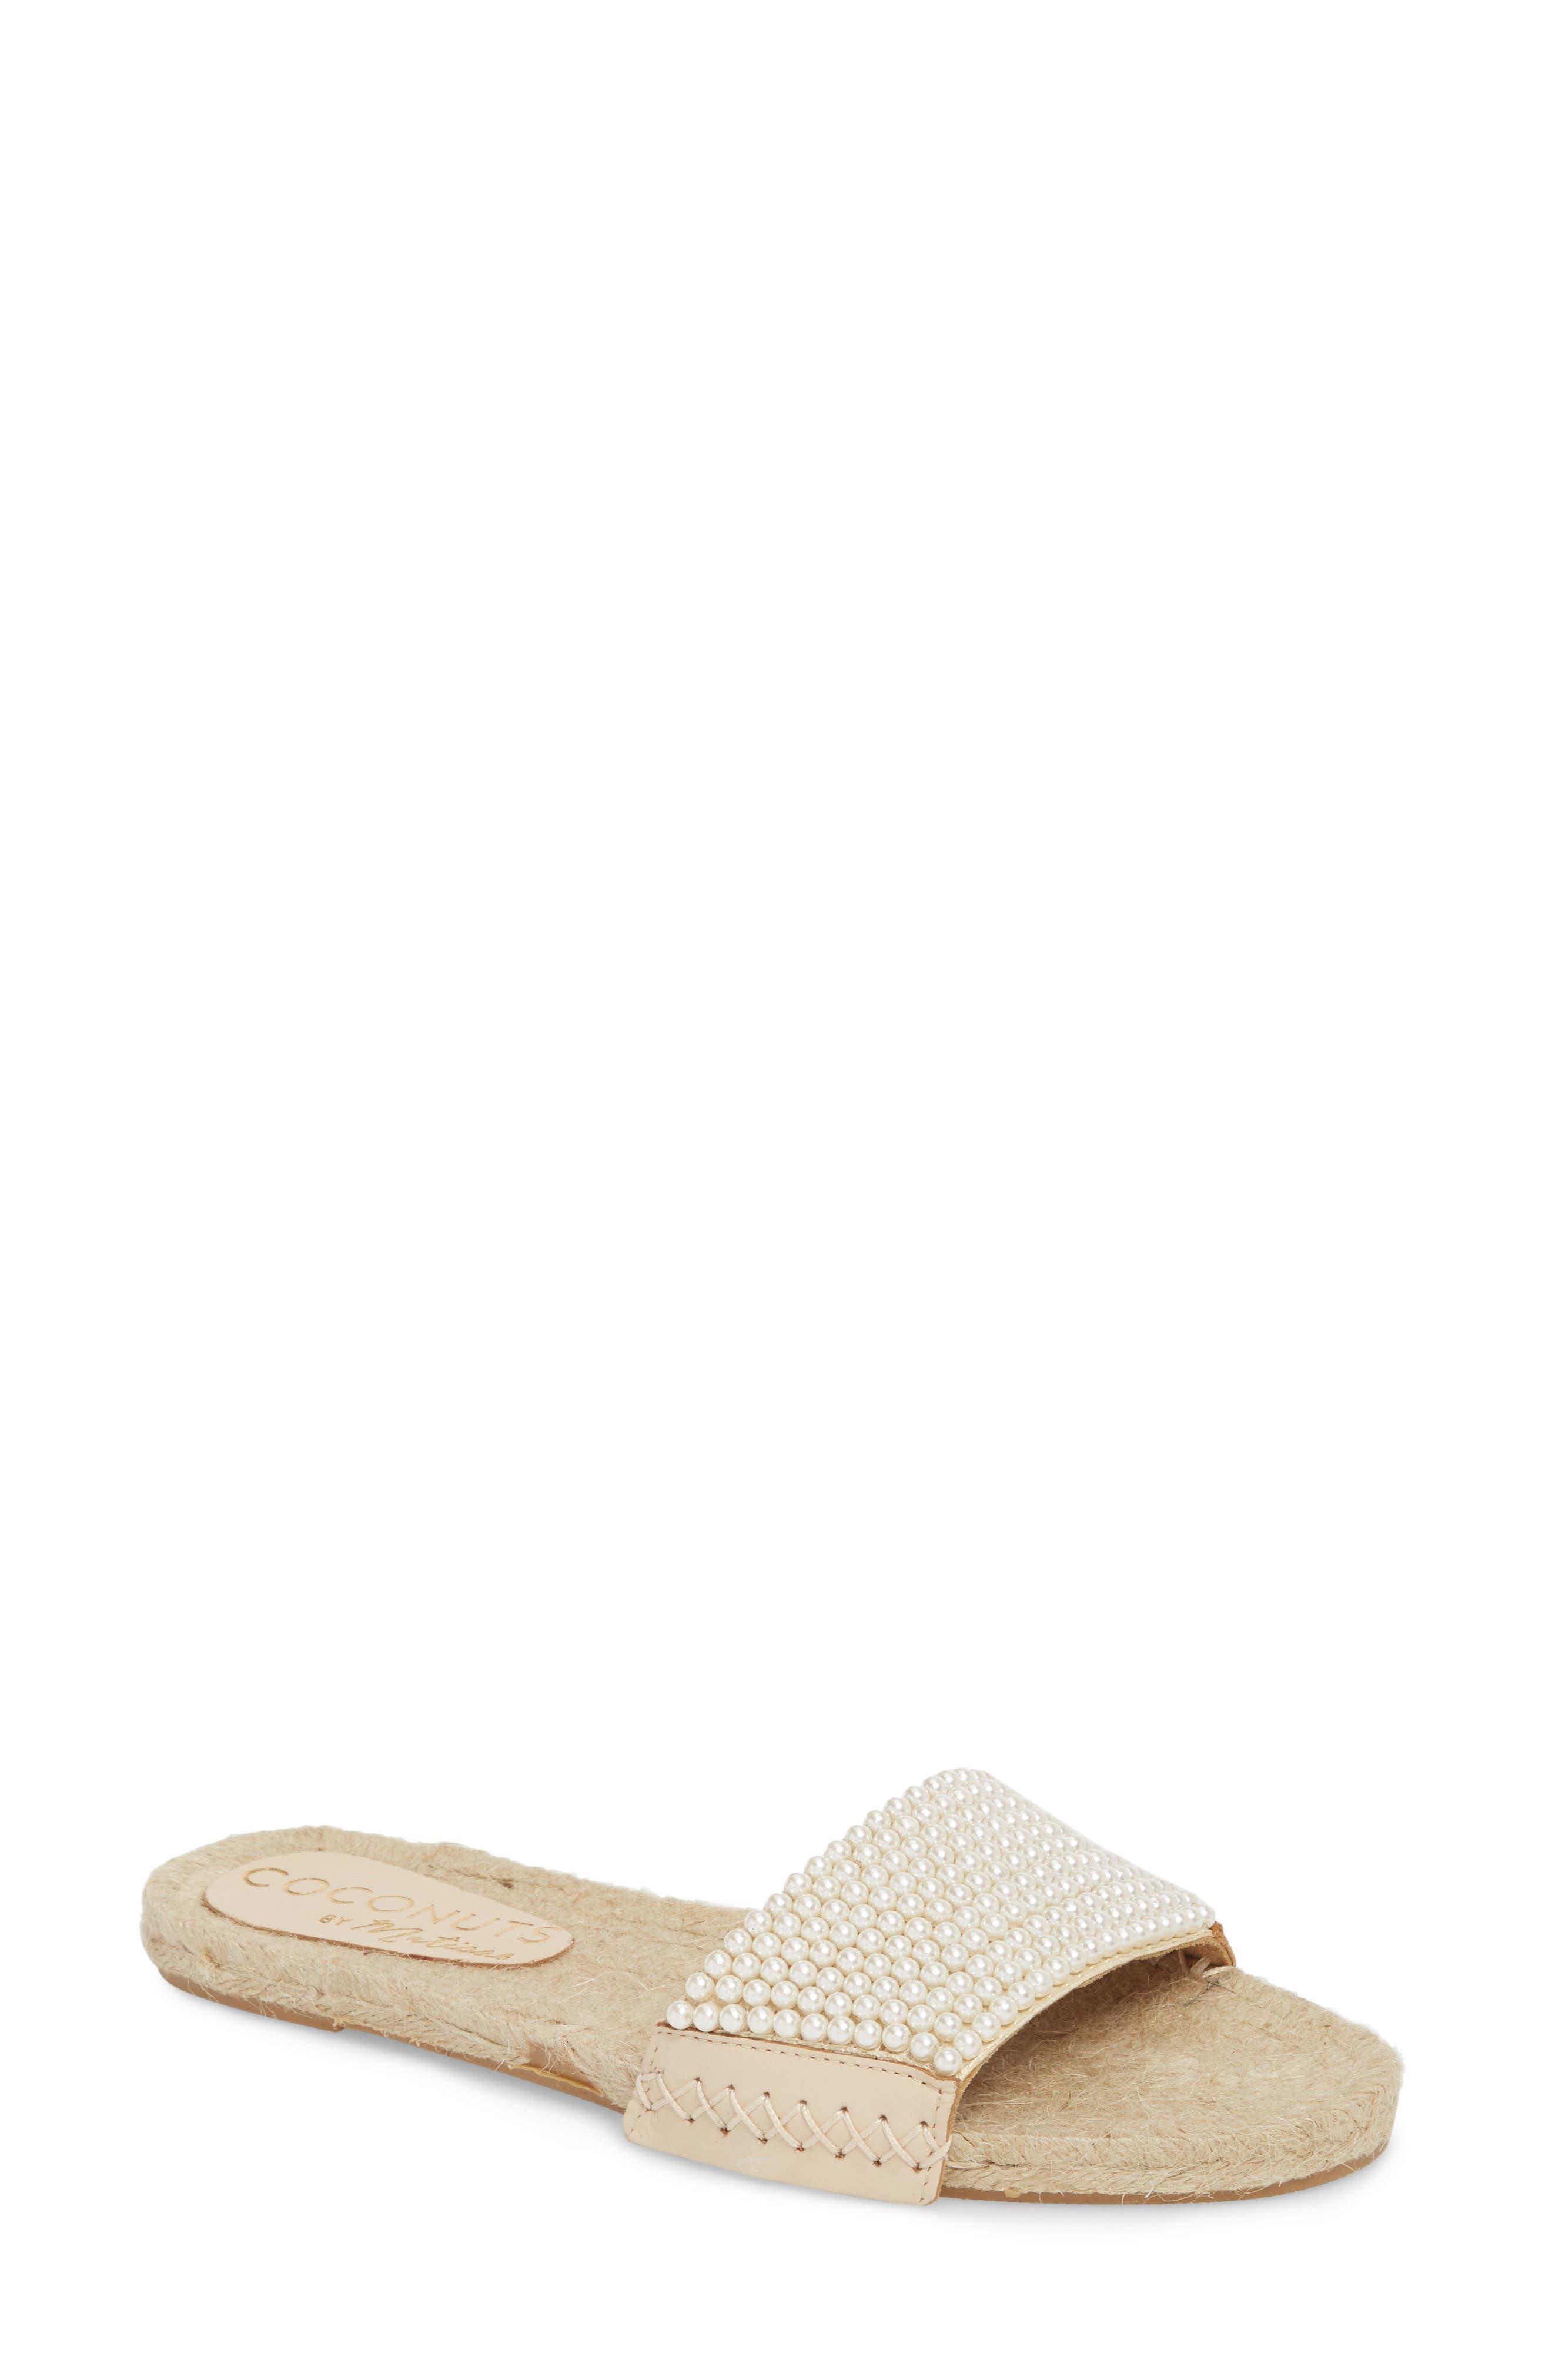 Kimay Slide Sandal,                         Main,                         color, NATURAL LEATHER